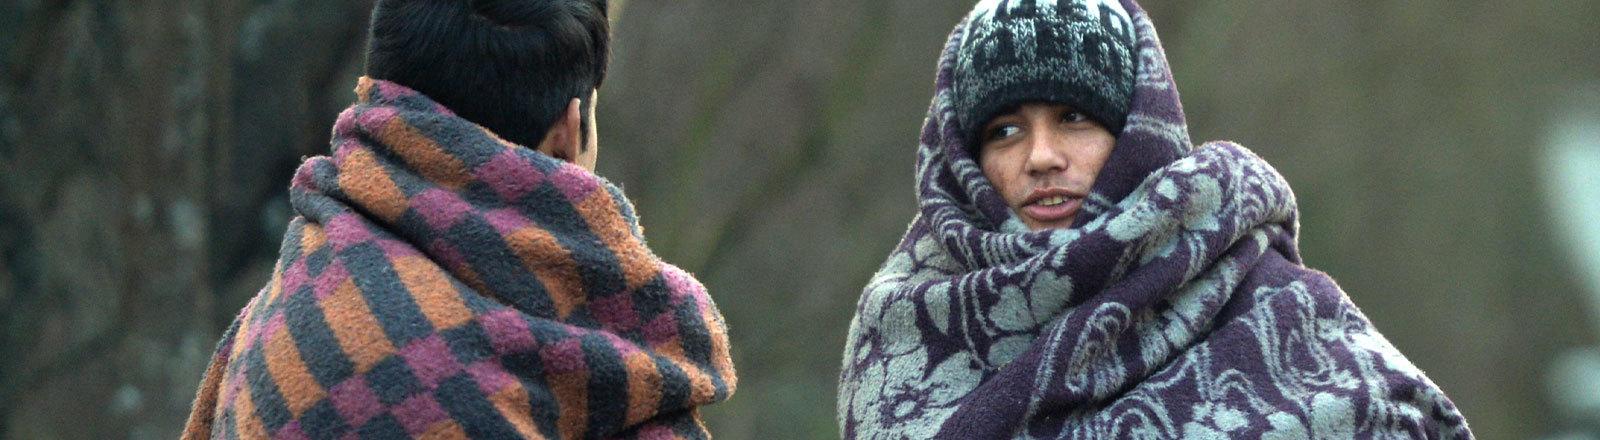 Das Bild ist von Dezember 2019 und zeigt zwei geflüchtete Jugendliche im Camp Vucjak in Bosnien-Herzegowina